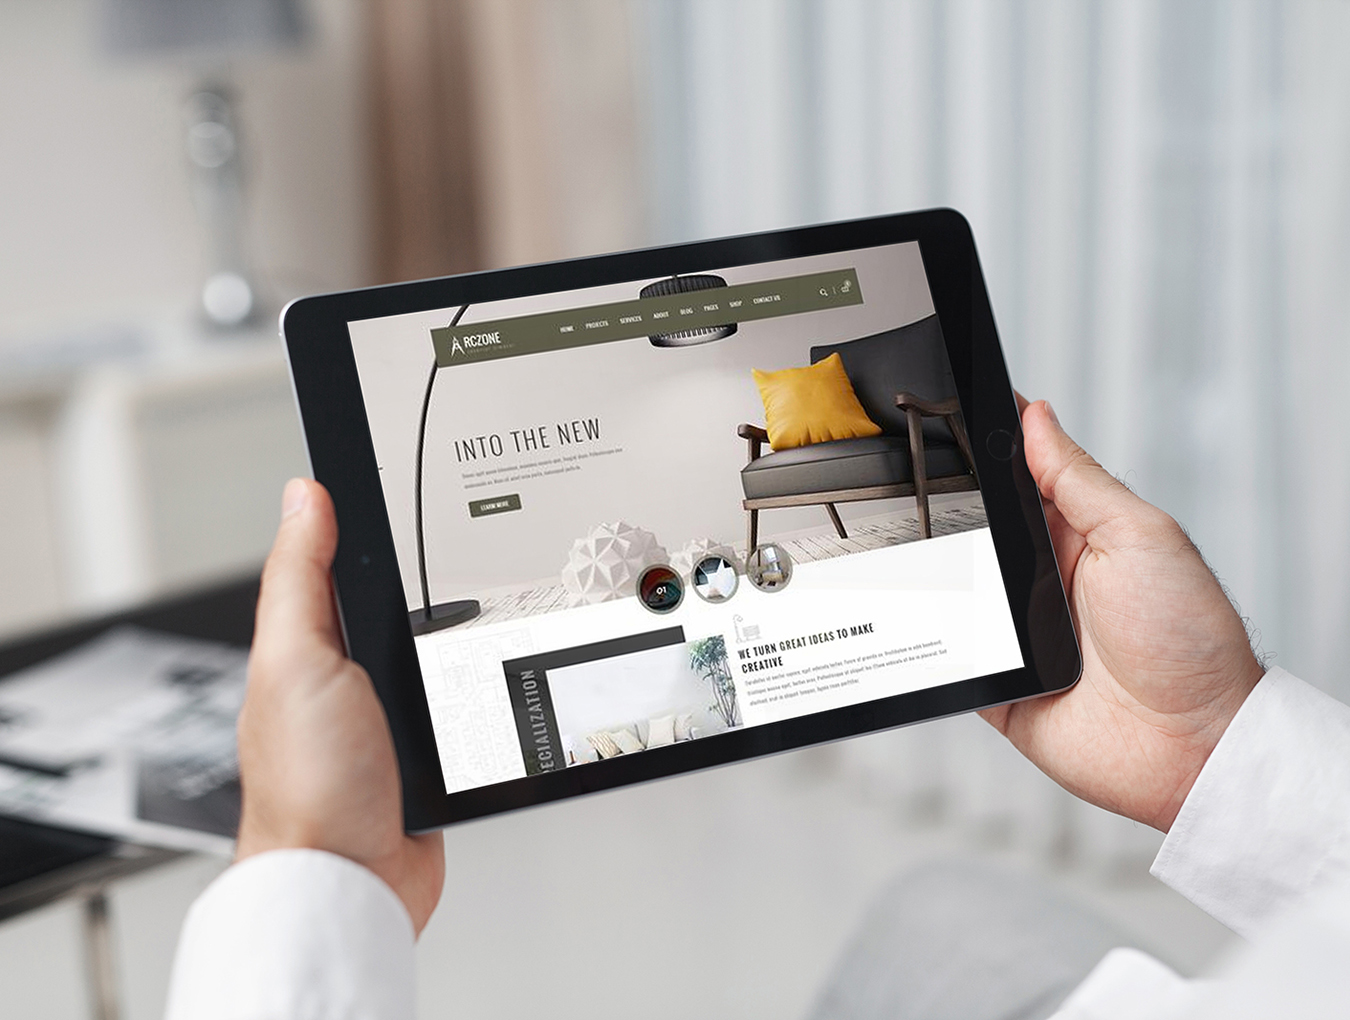 12个响应式网页设计预览iPad平板电脑样机模板 12 New iPad Responsive插图(5)